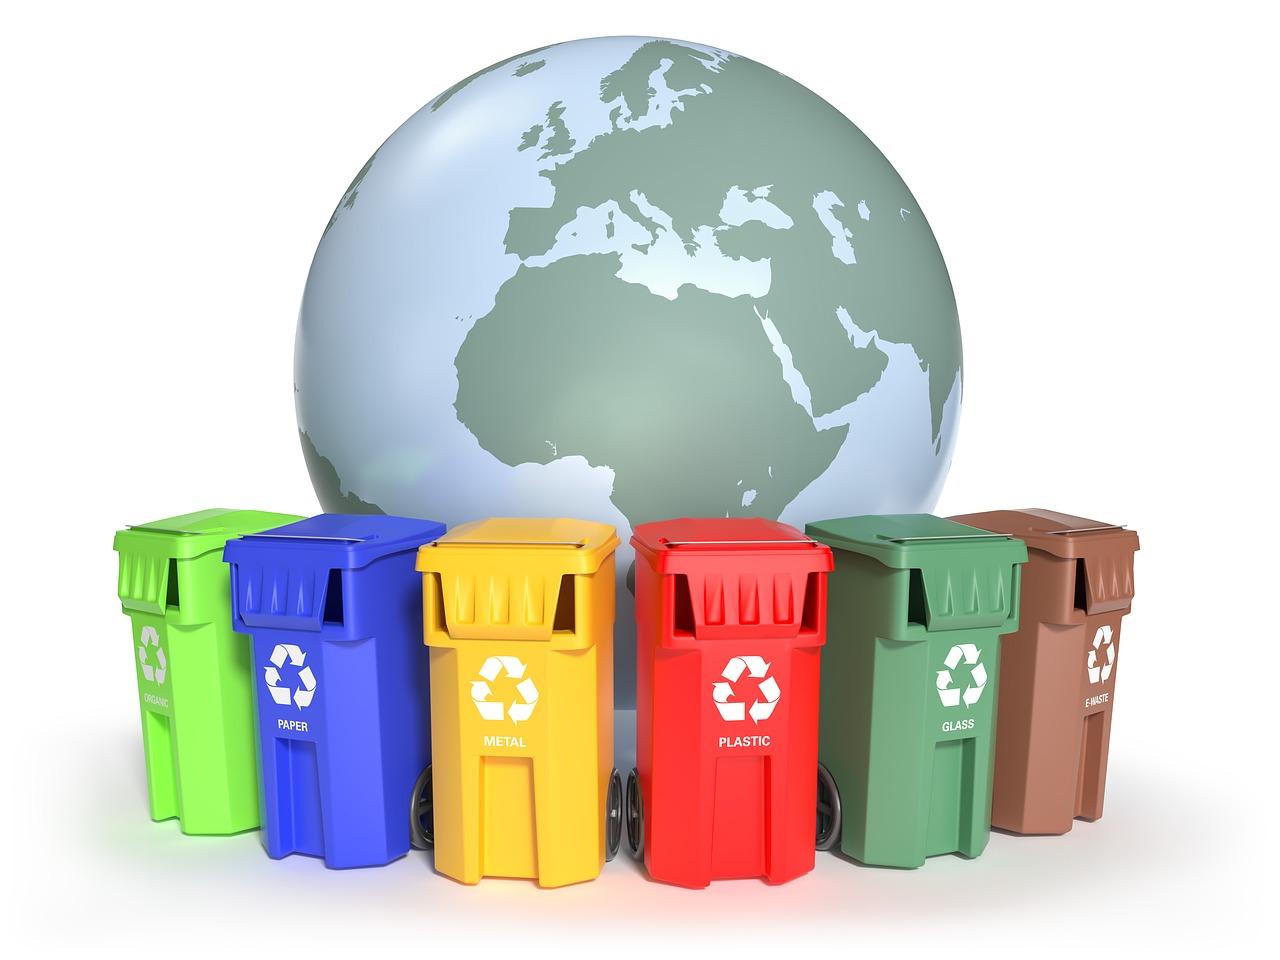 Chêne-en-Semine : ce qu'il faut savoir sur un centre de tri haute performance et sur l'avenir du recyclage